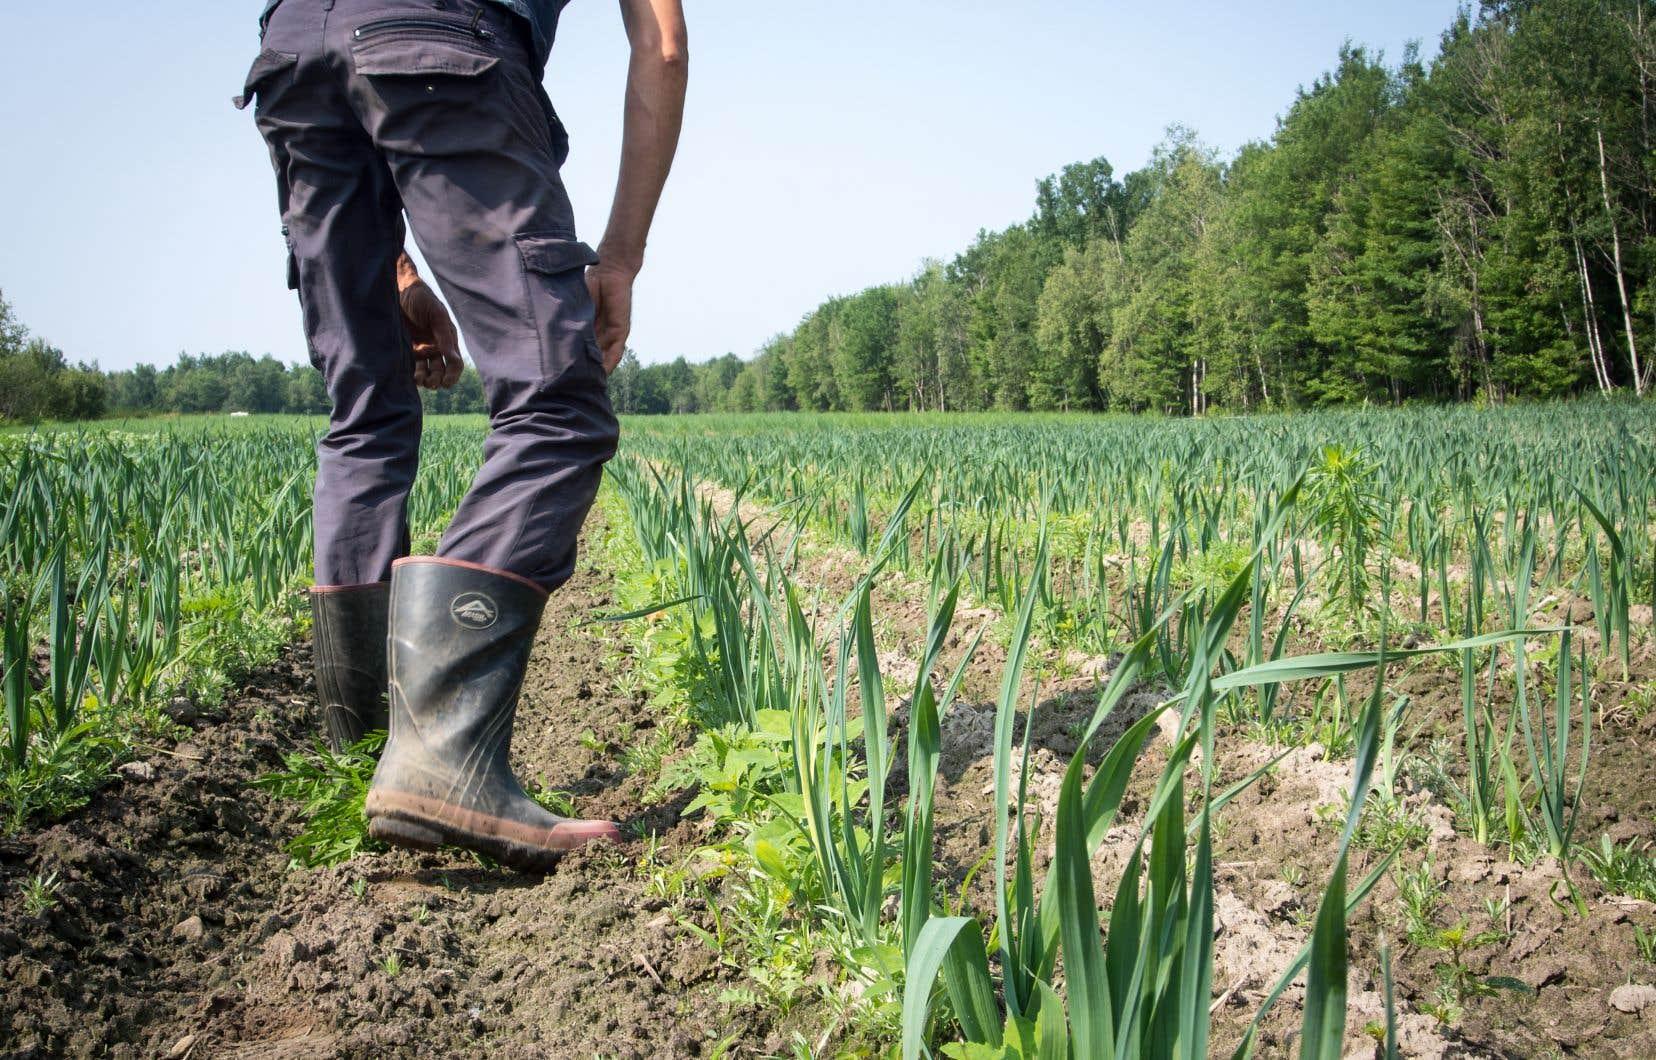 <p>Les visites à la ferme nous aident à prendre conscience de tout le travail qui se cache derrière ce que l'on mange.</p>